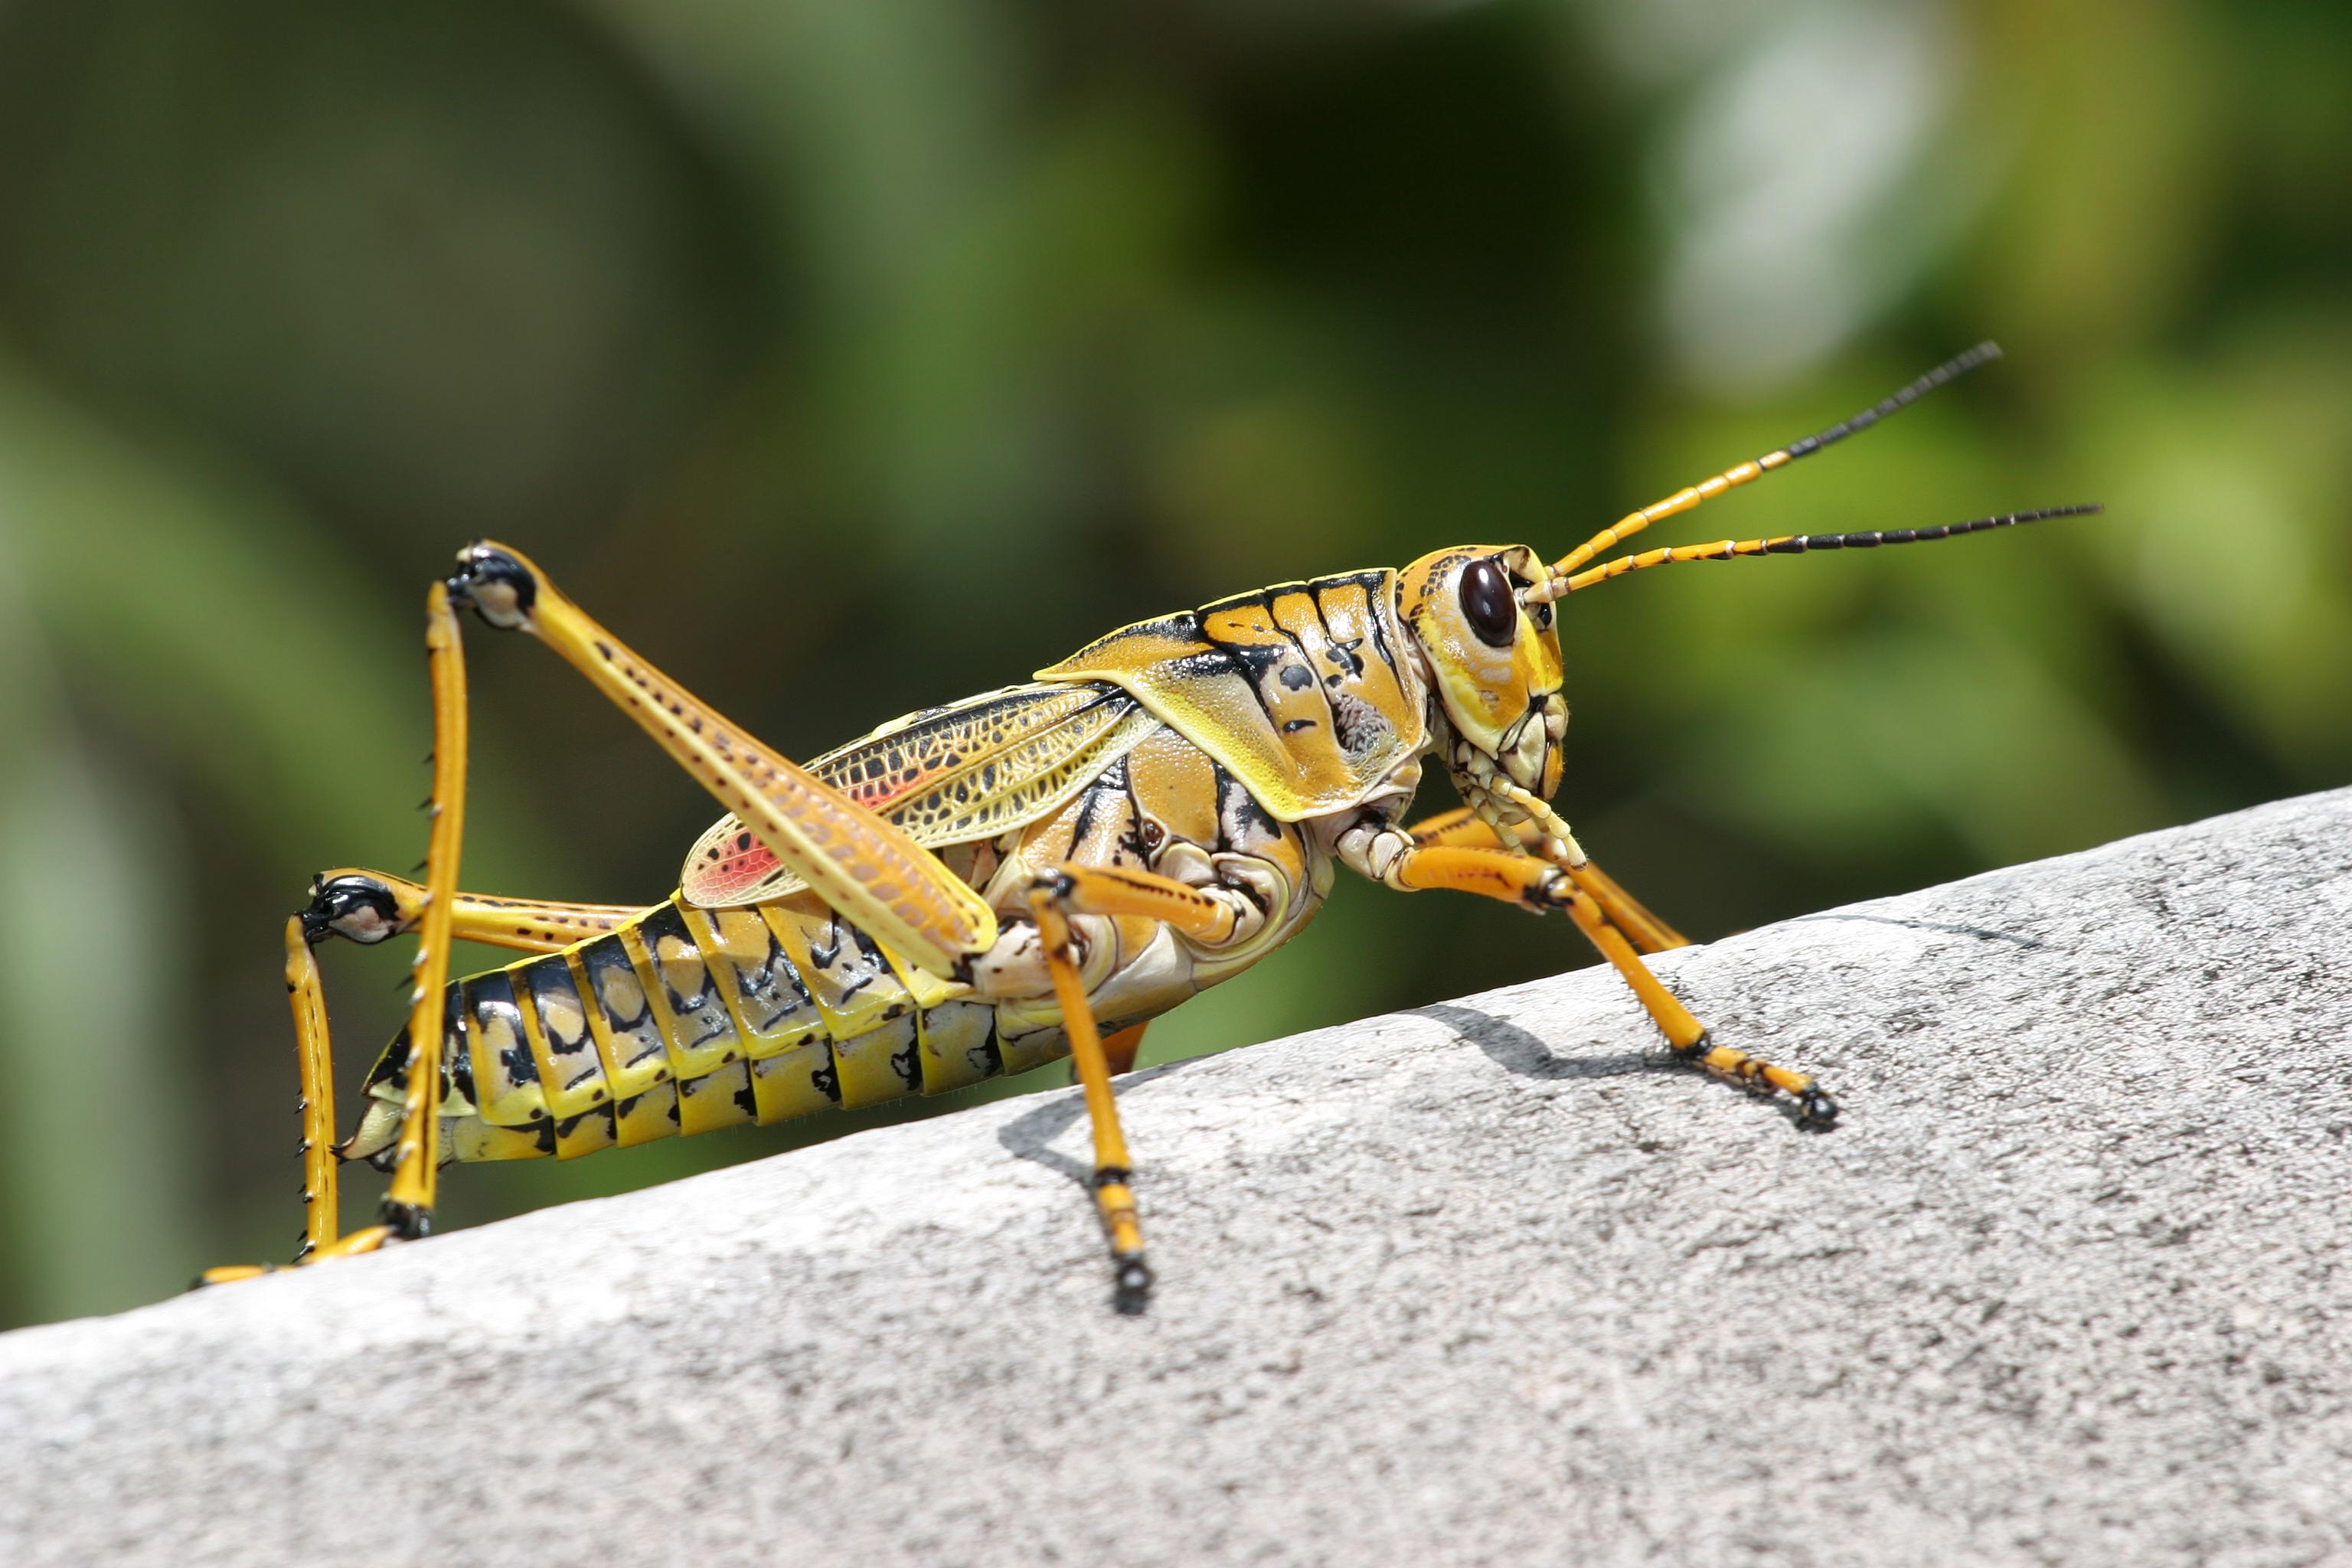 Grasshopper_2.JPG